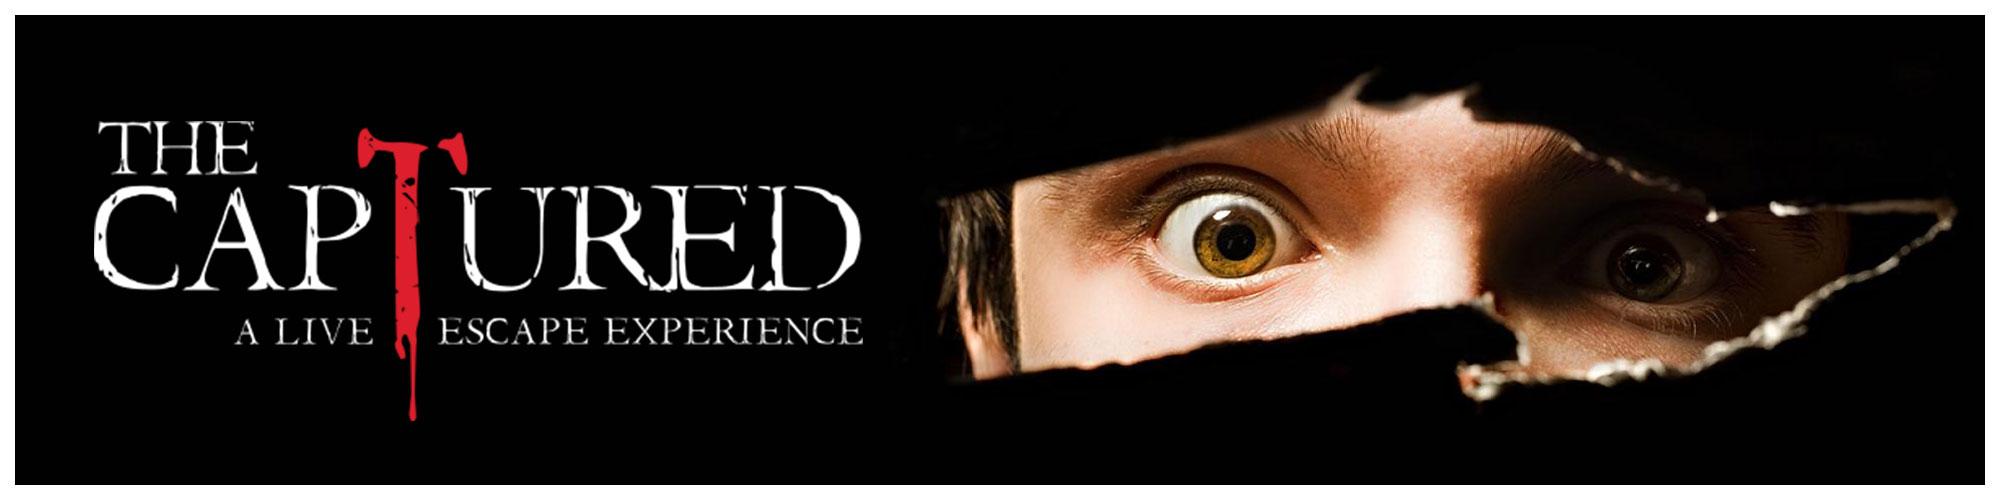 The Captured (Header Background) | Gatlinburg Attractions